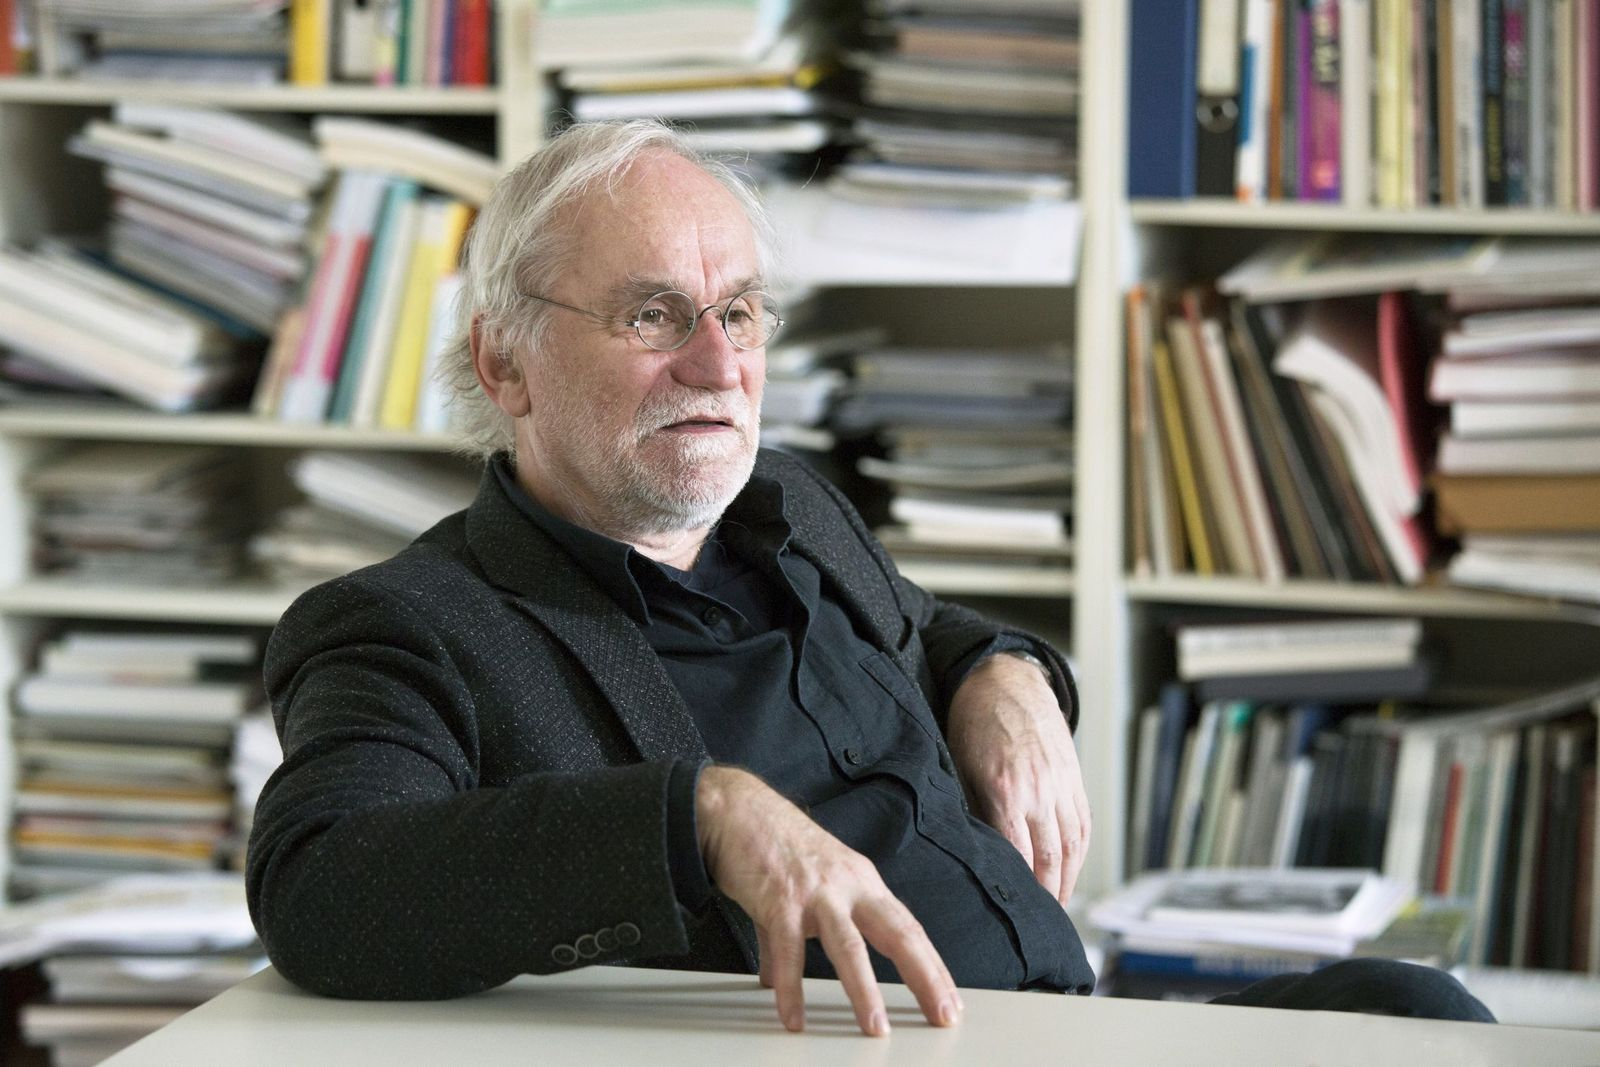 Eugen Blume im Gespräch (c) Staatliche Museen zu Berlin / Juliane Eirich